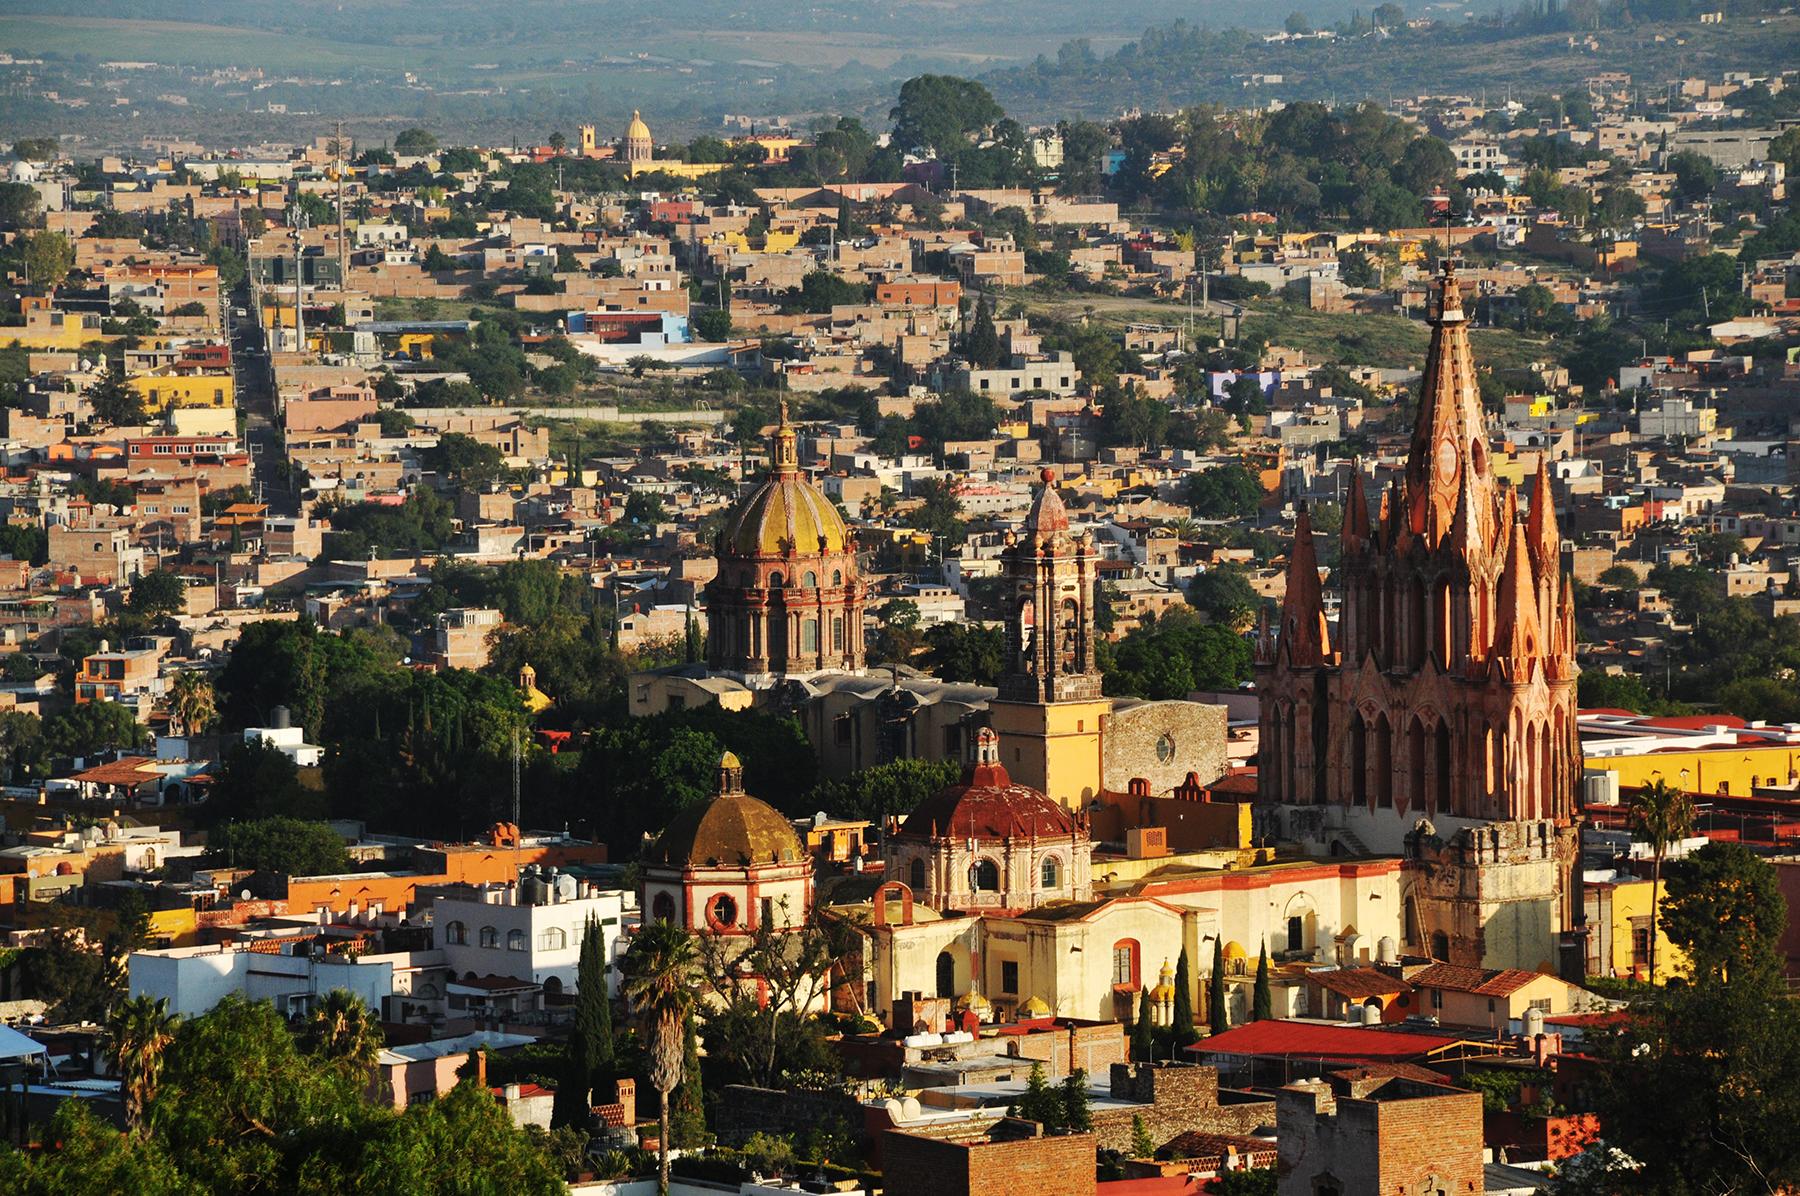 turismo local San Miguel de Allende